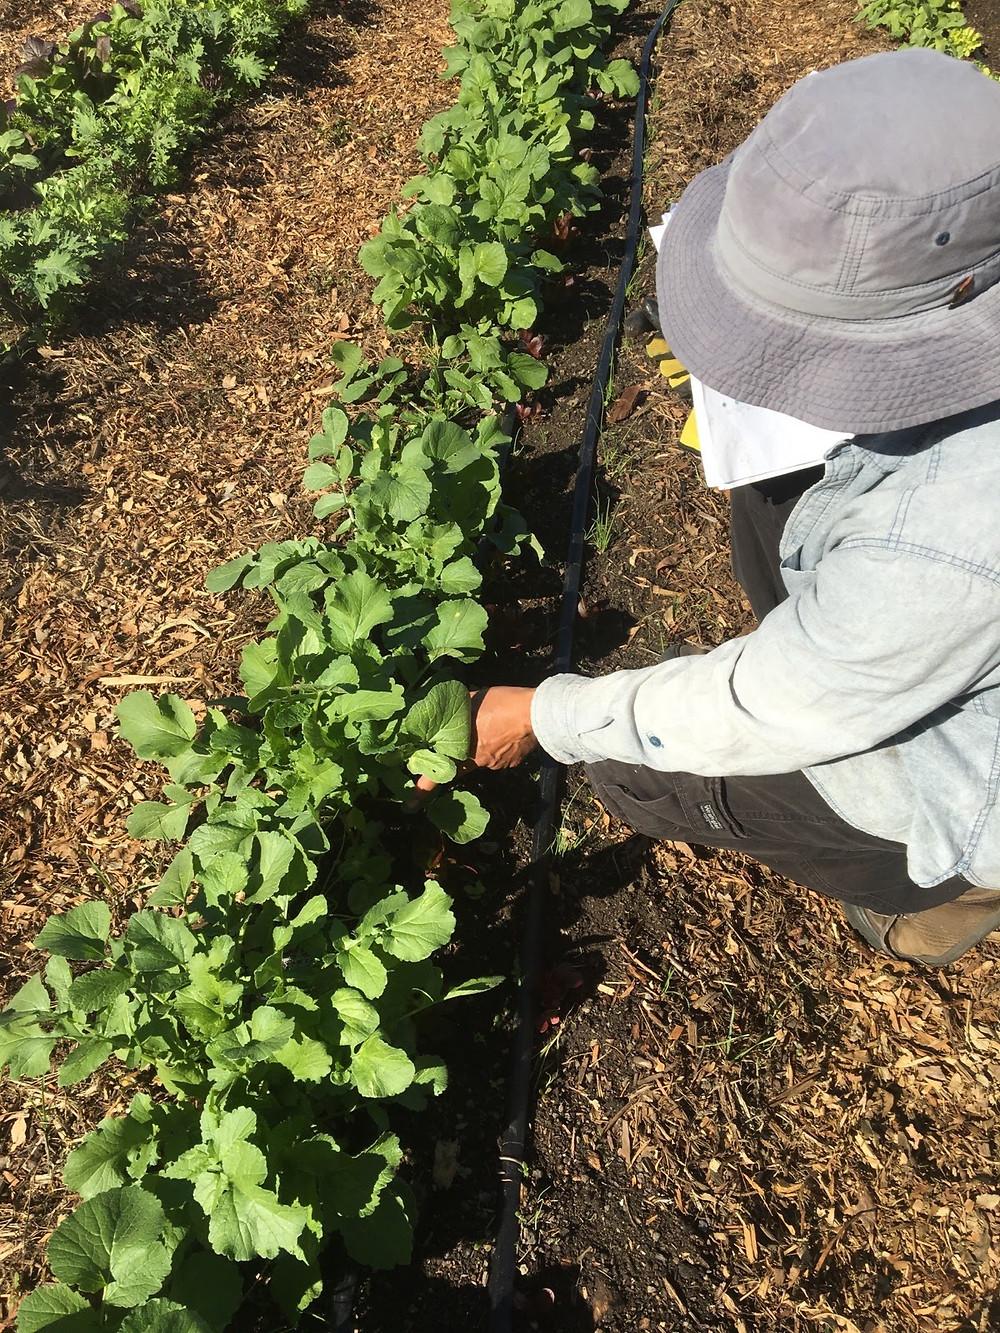 Intern tending to vegetable crops